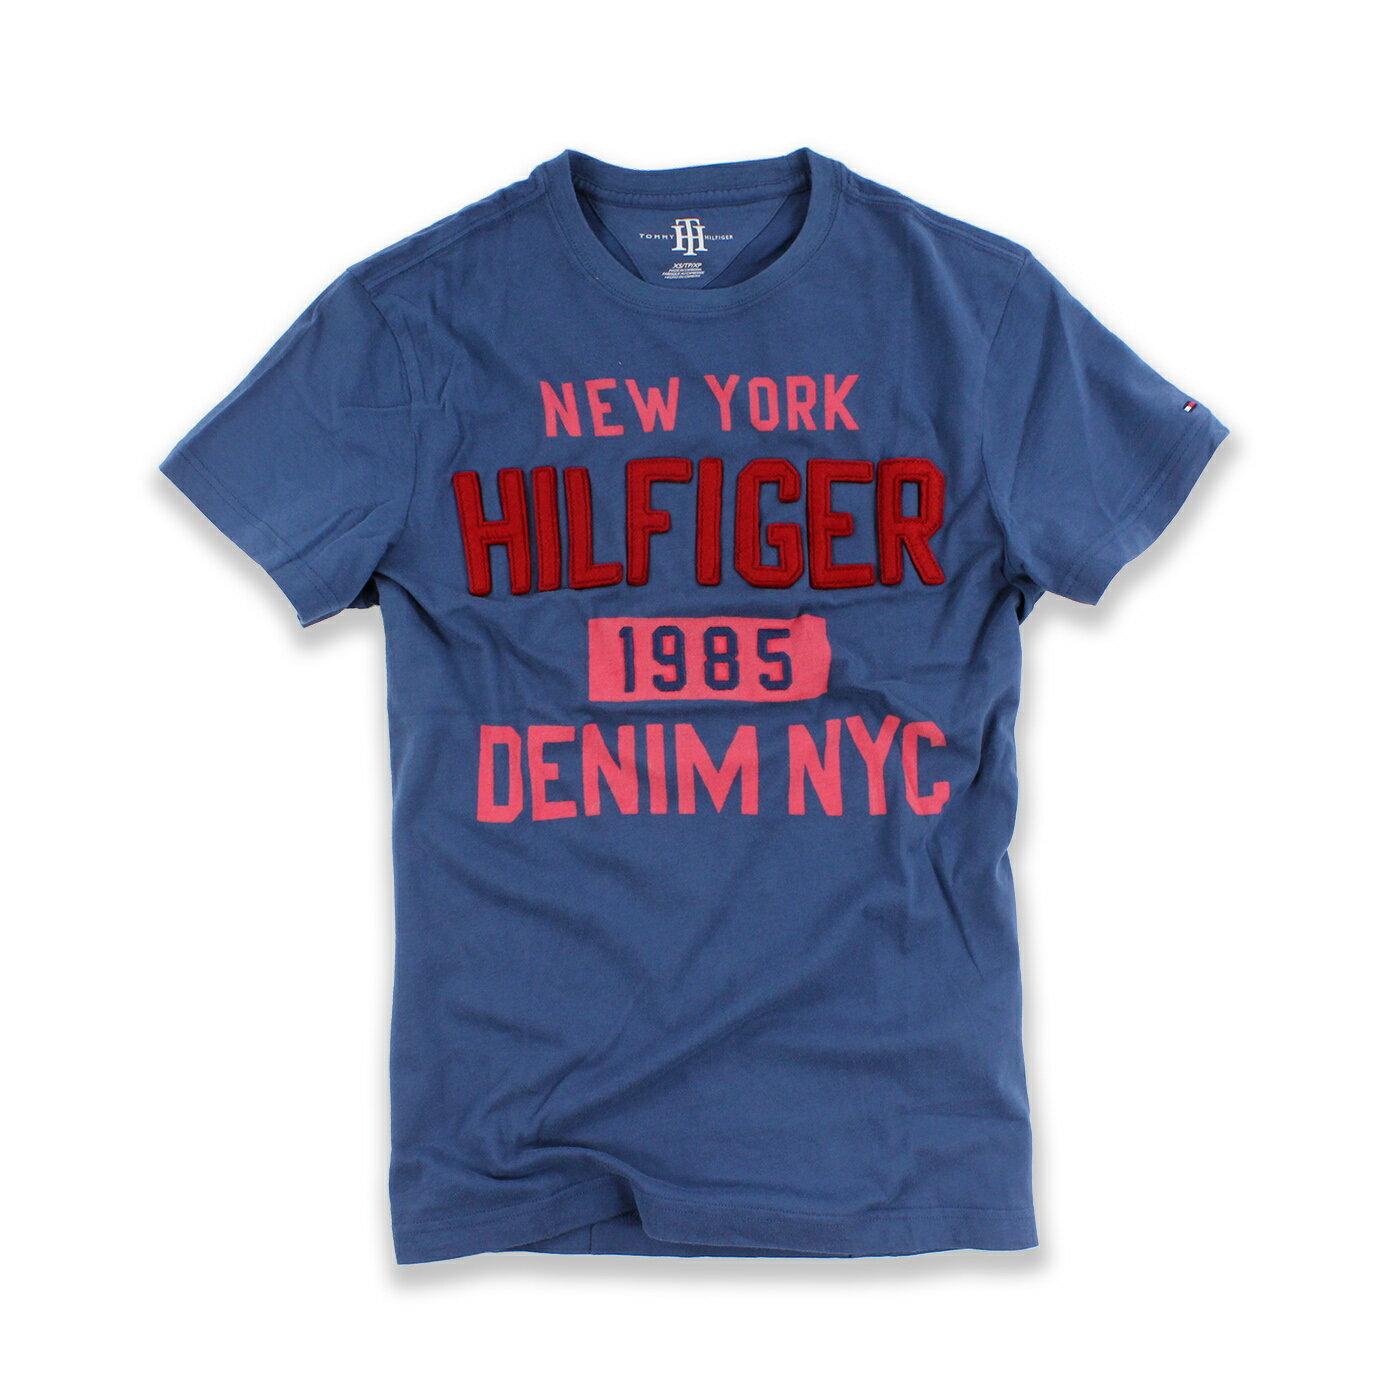 美國百分百【Tommy Hilfiger】T恤 TH 男 圓領 T-shirt 短袖 文字 復古 藍灰 XS號 F565